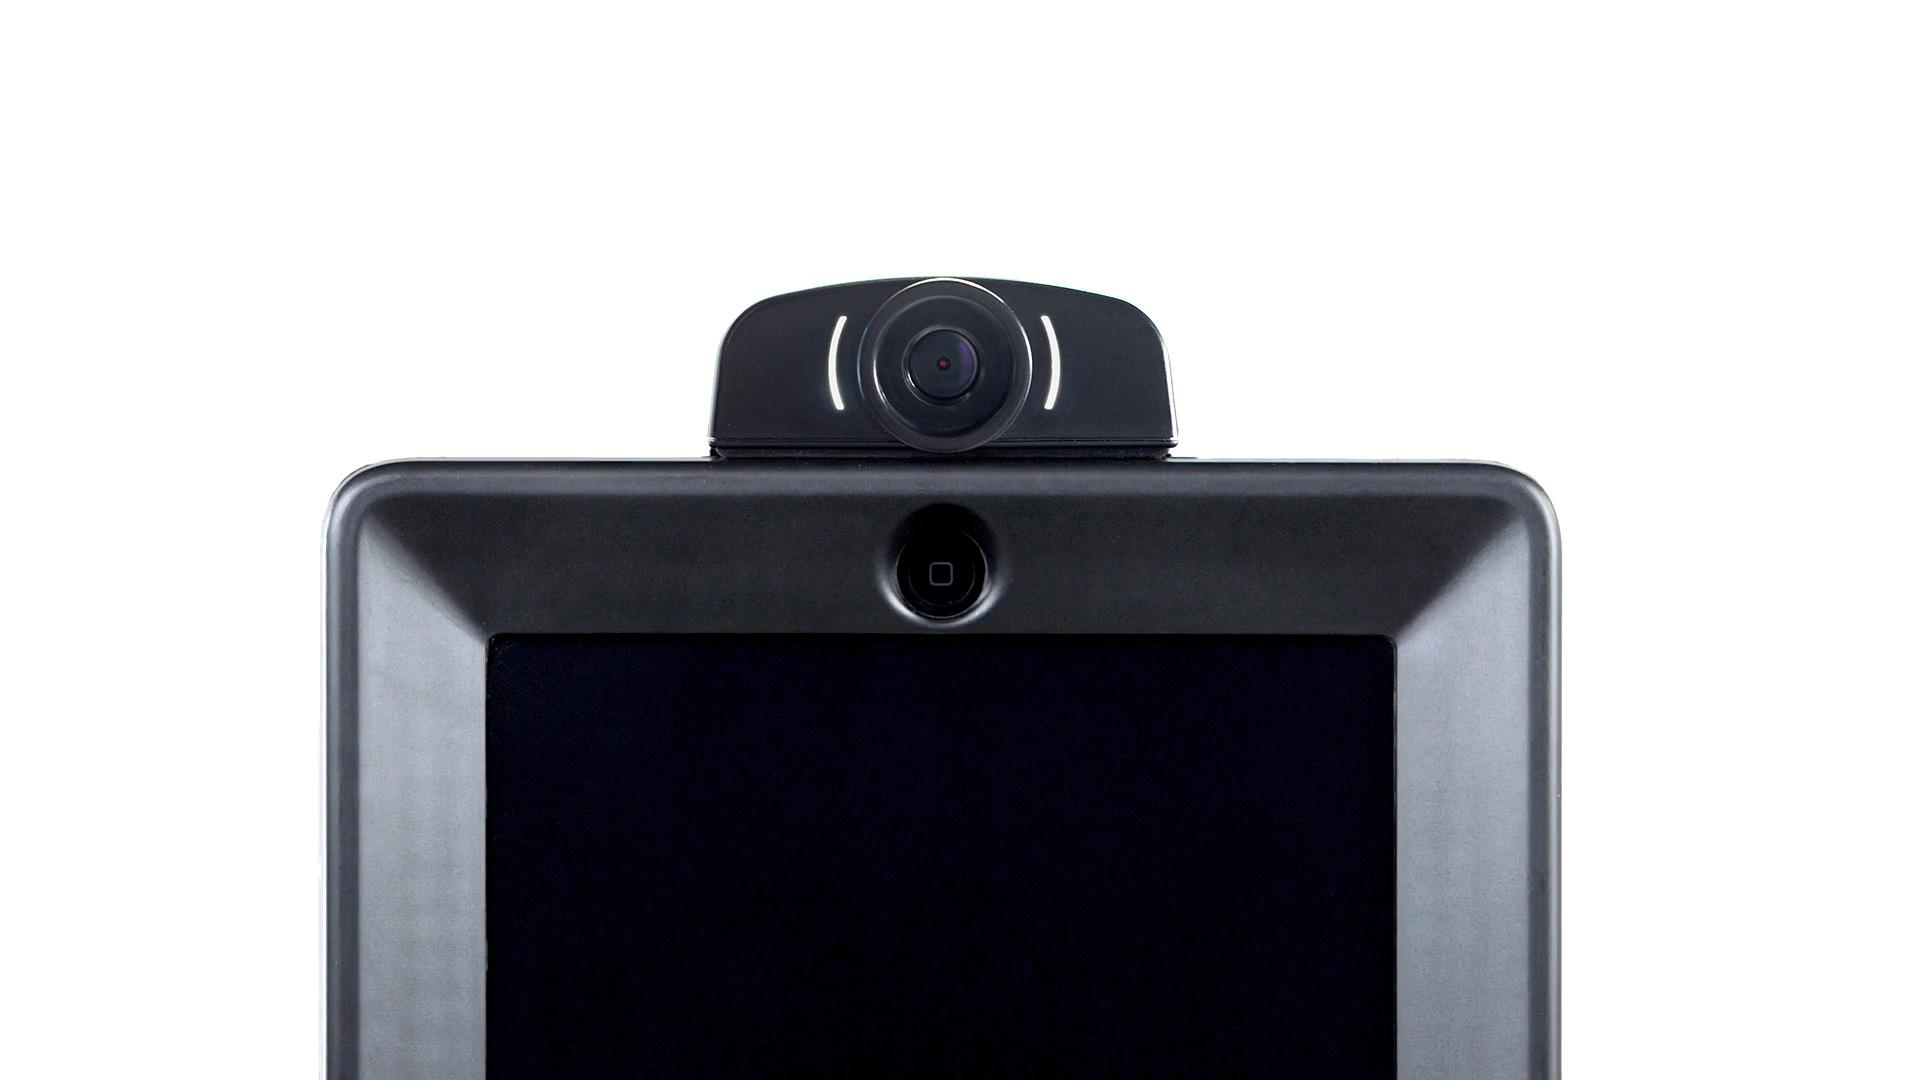 Camera Kit - plain